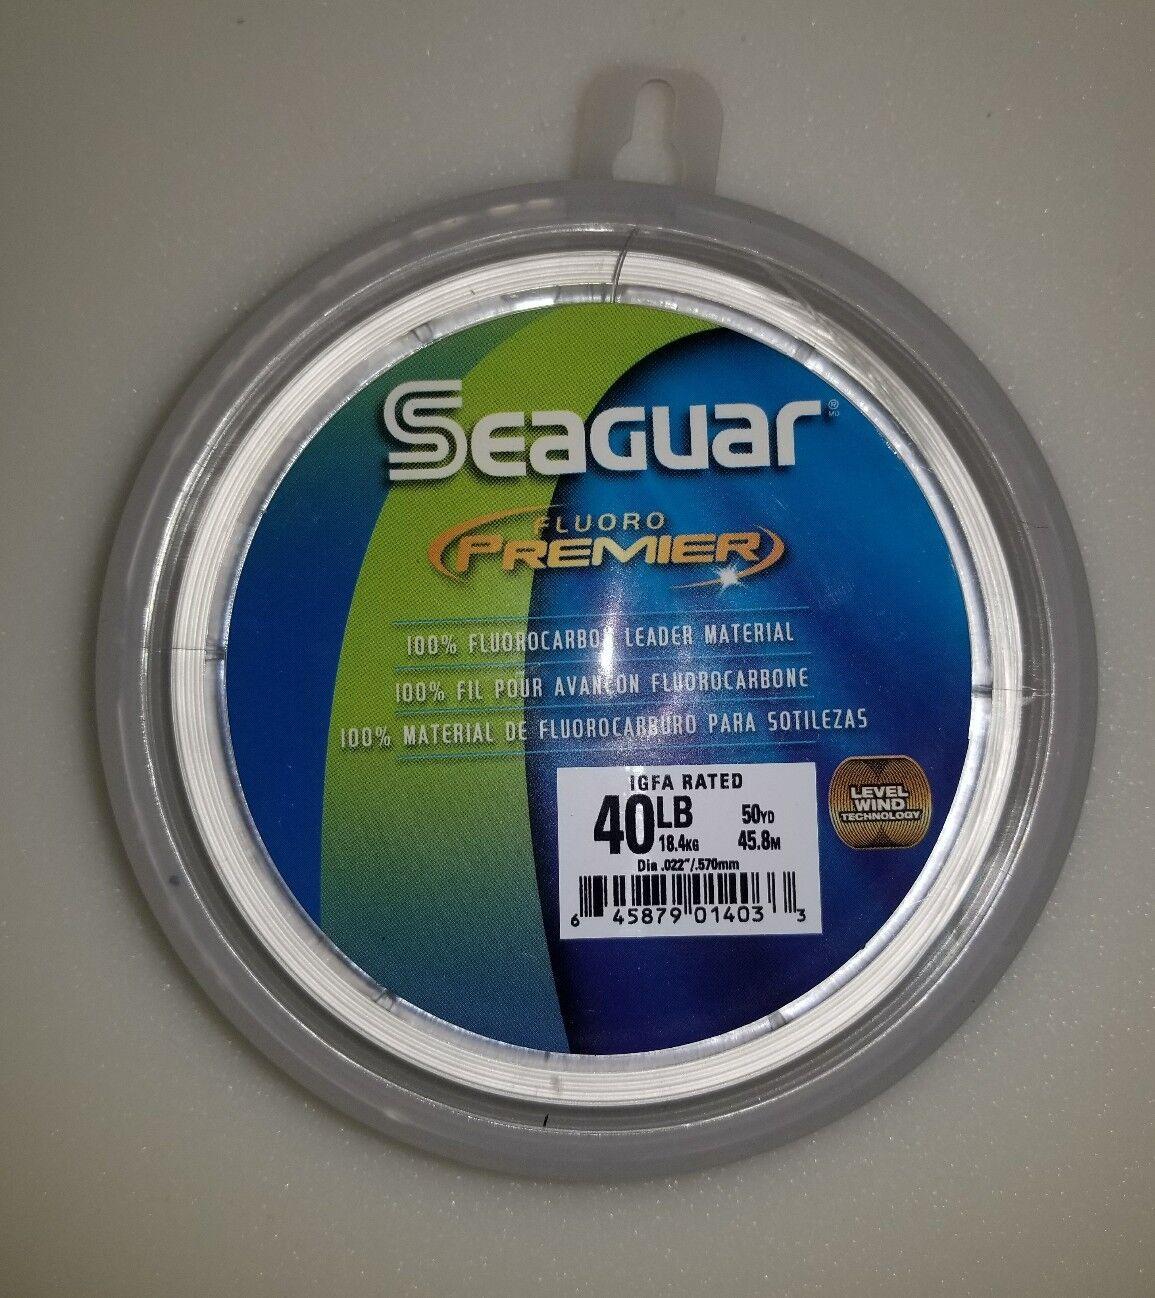 Seaguar Premier Flugoldcarbon Leader  40lb  50yards